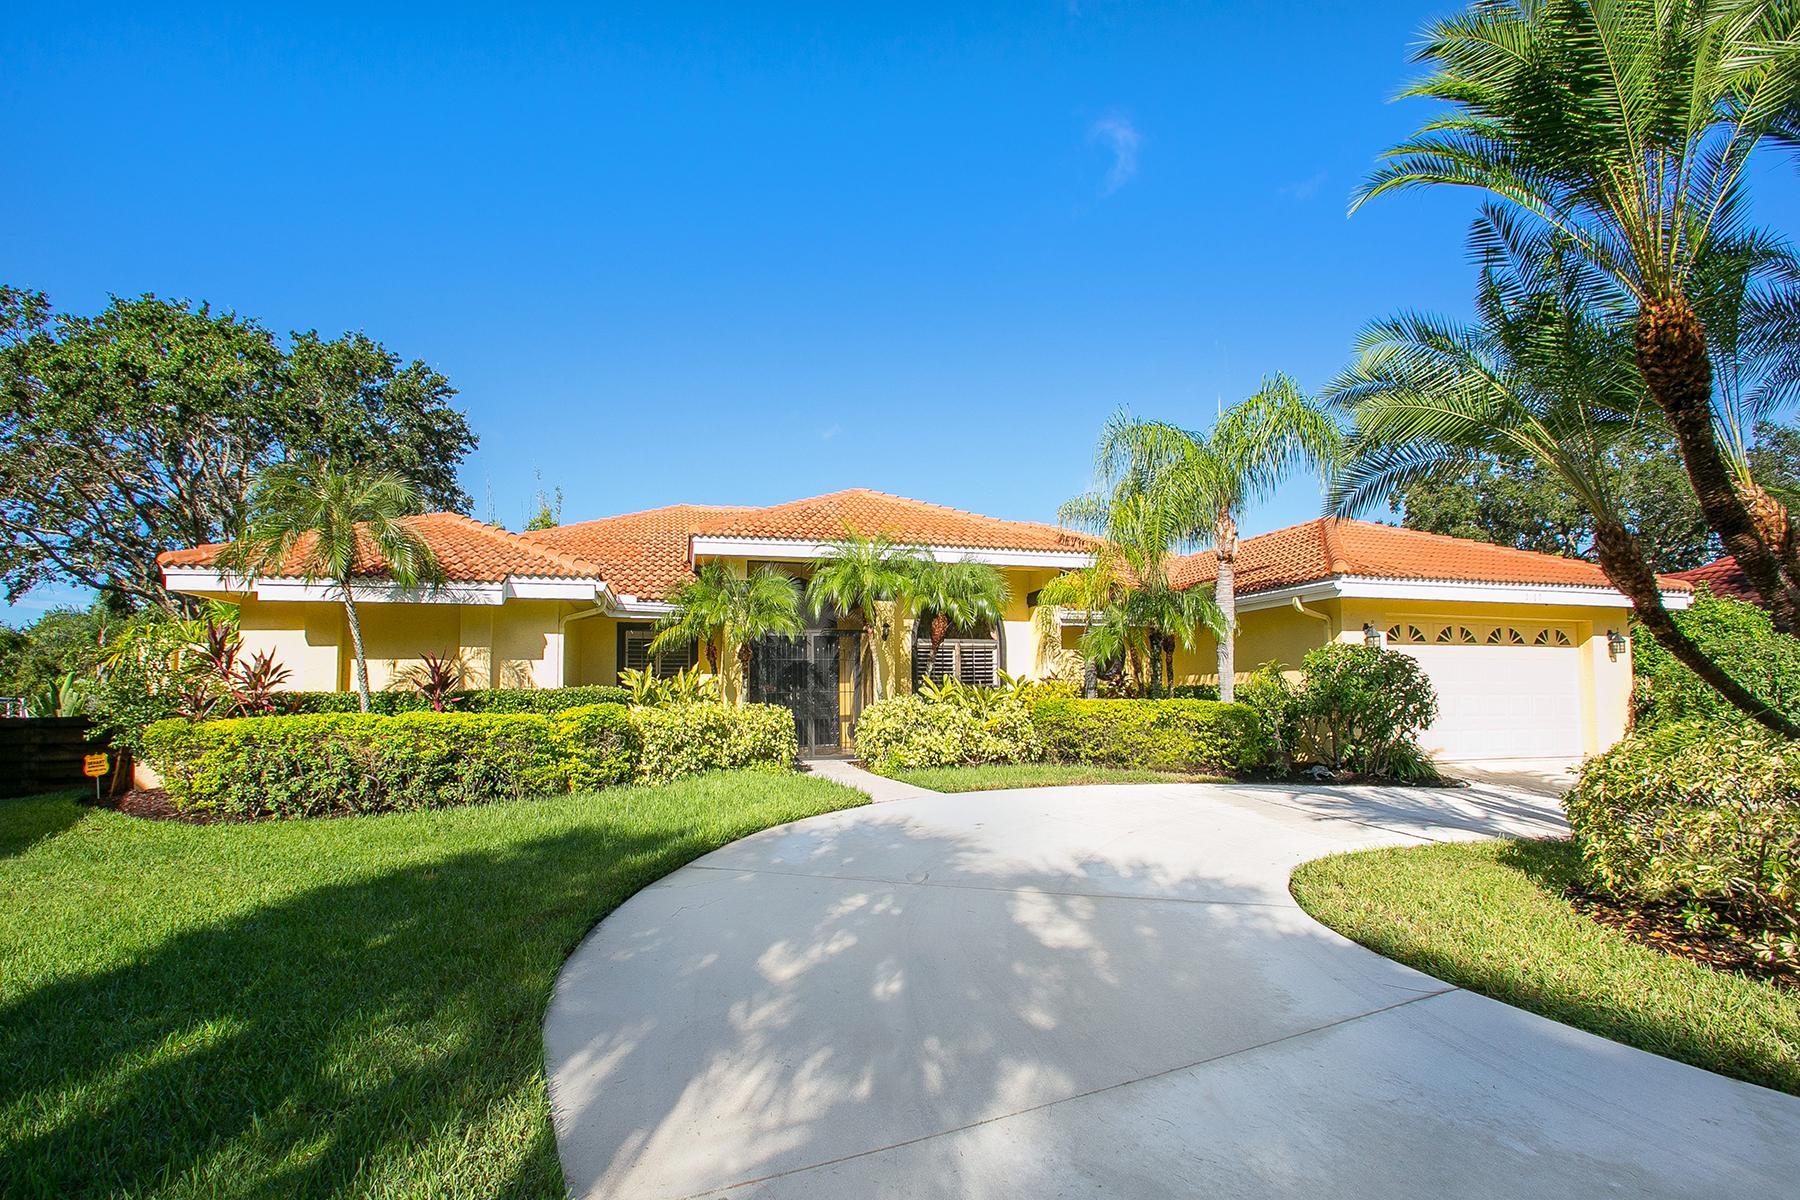 独户住宅 为 销售 在 THE LANDINGS 5165 Kestral Park Ln 萨拉索塔, 佛罗里达州, 34231 美国